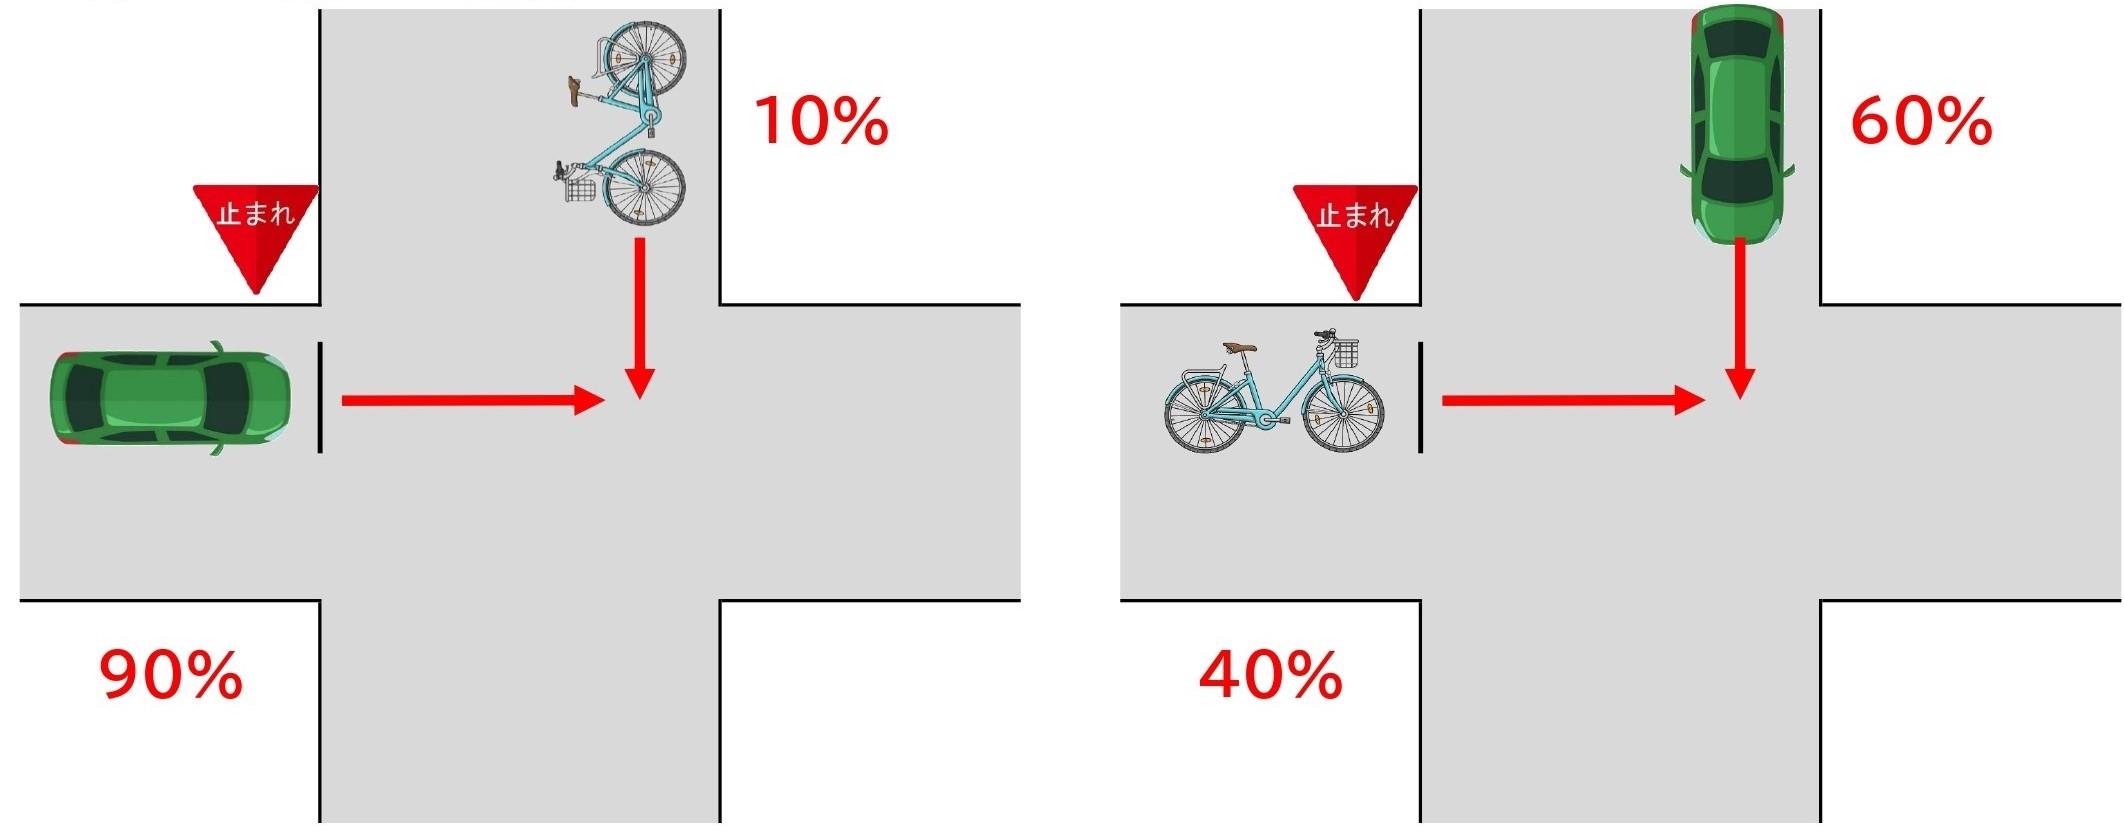 【図】自転車と車/交差点/直進同士/信号なし/一方に一時停止規制